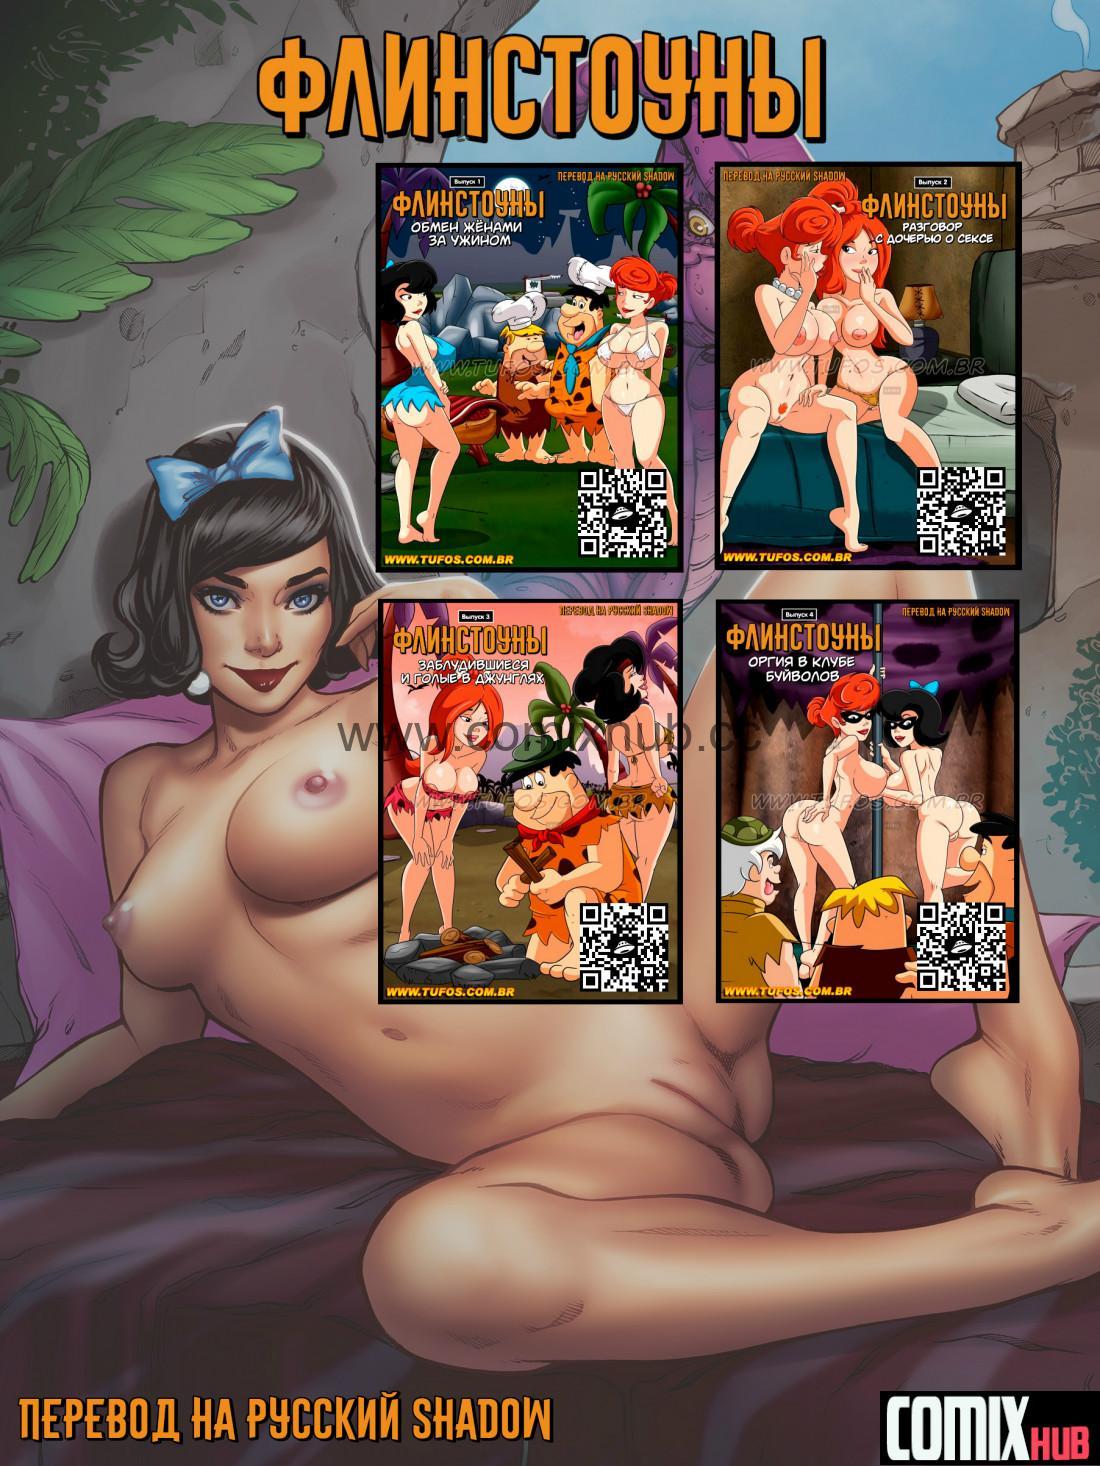 Порно комиксы Флинстоуны часть 4: Оргия в клубе Буйволов Порно комиксы, Анал, Большая грудь, Большие члены, Групповой секс, Измена, Инцест